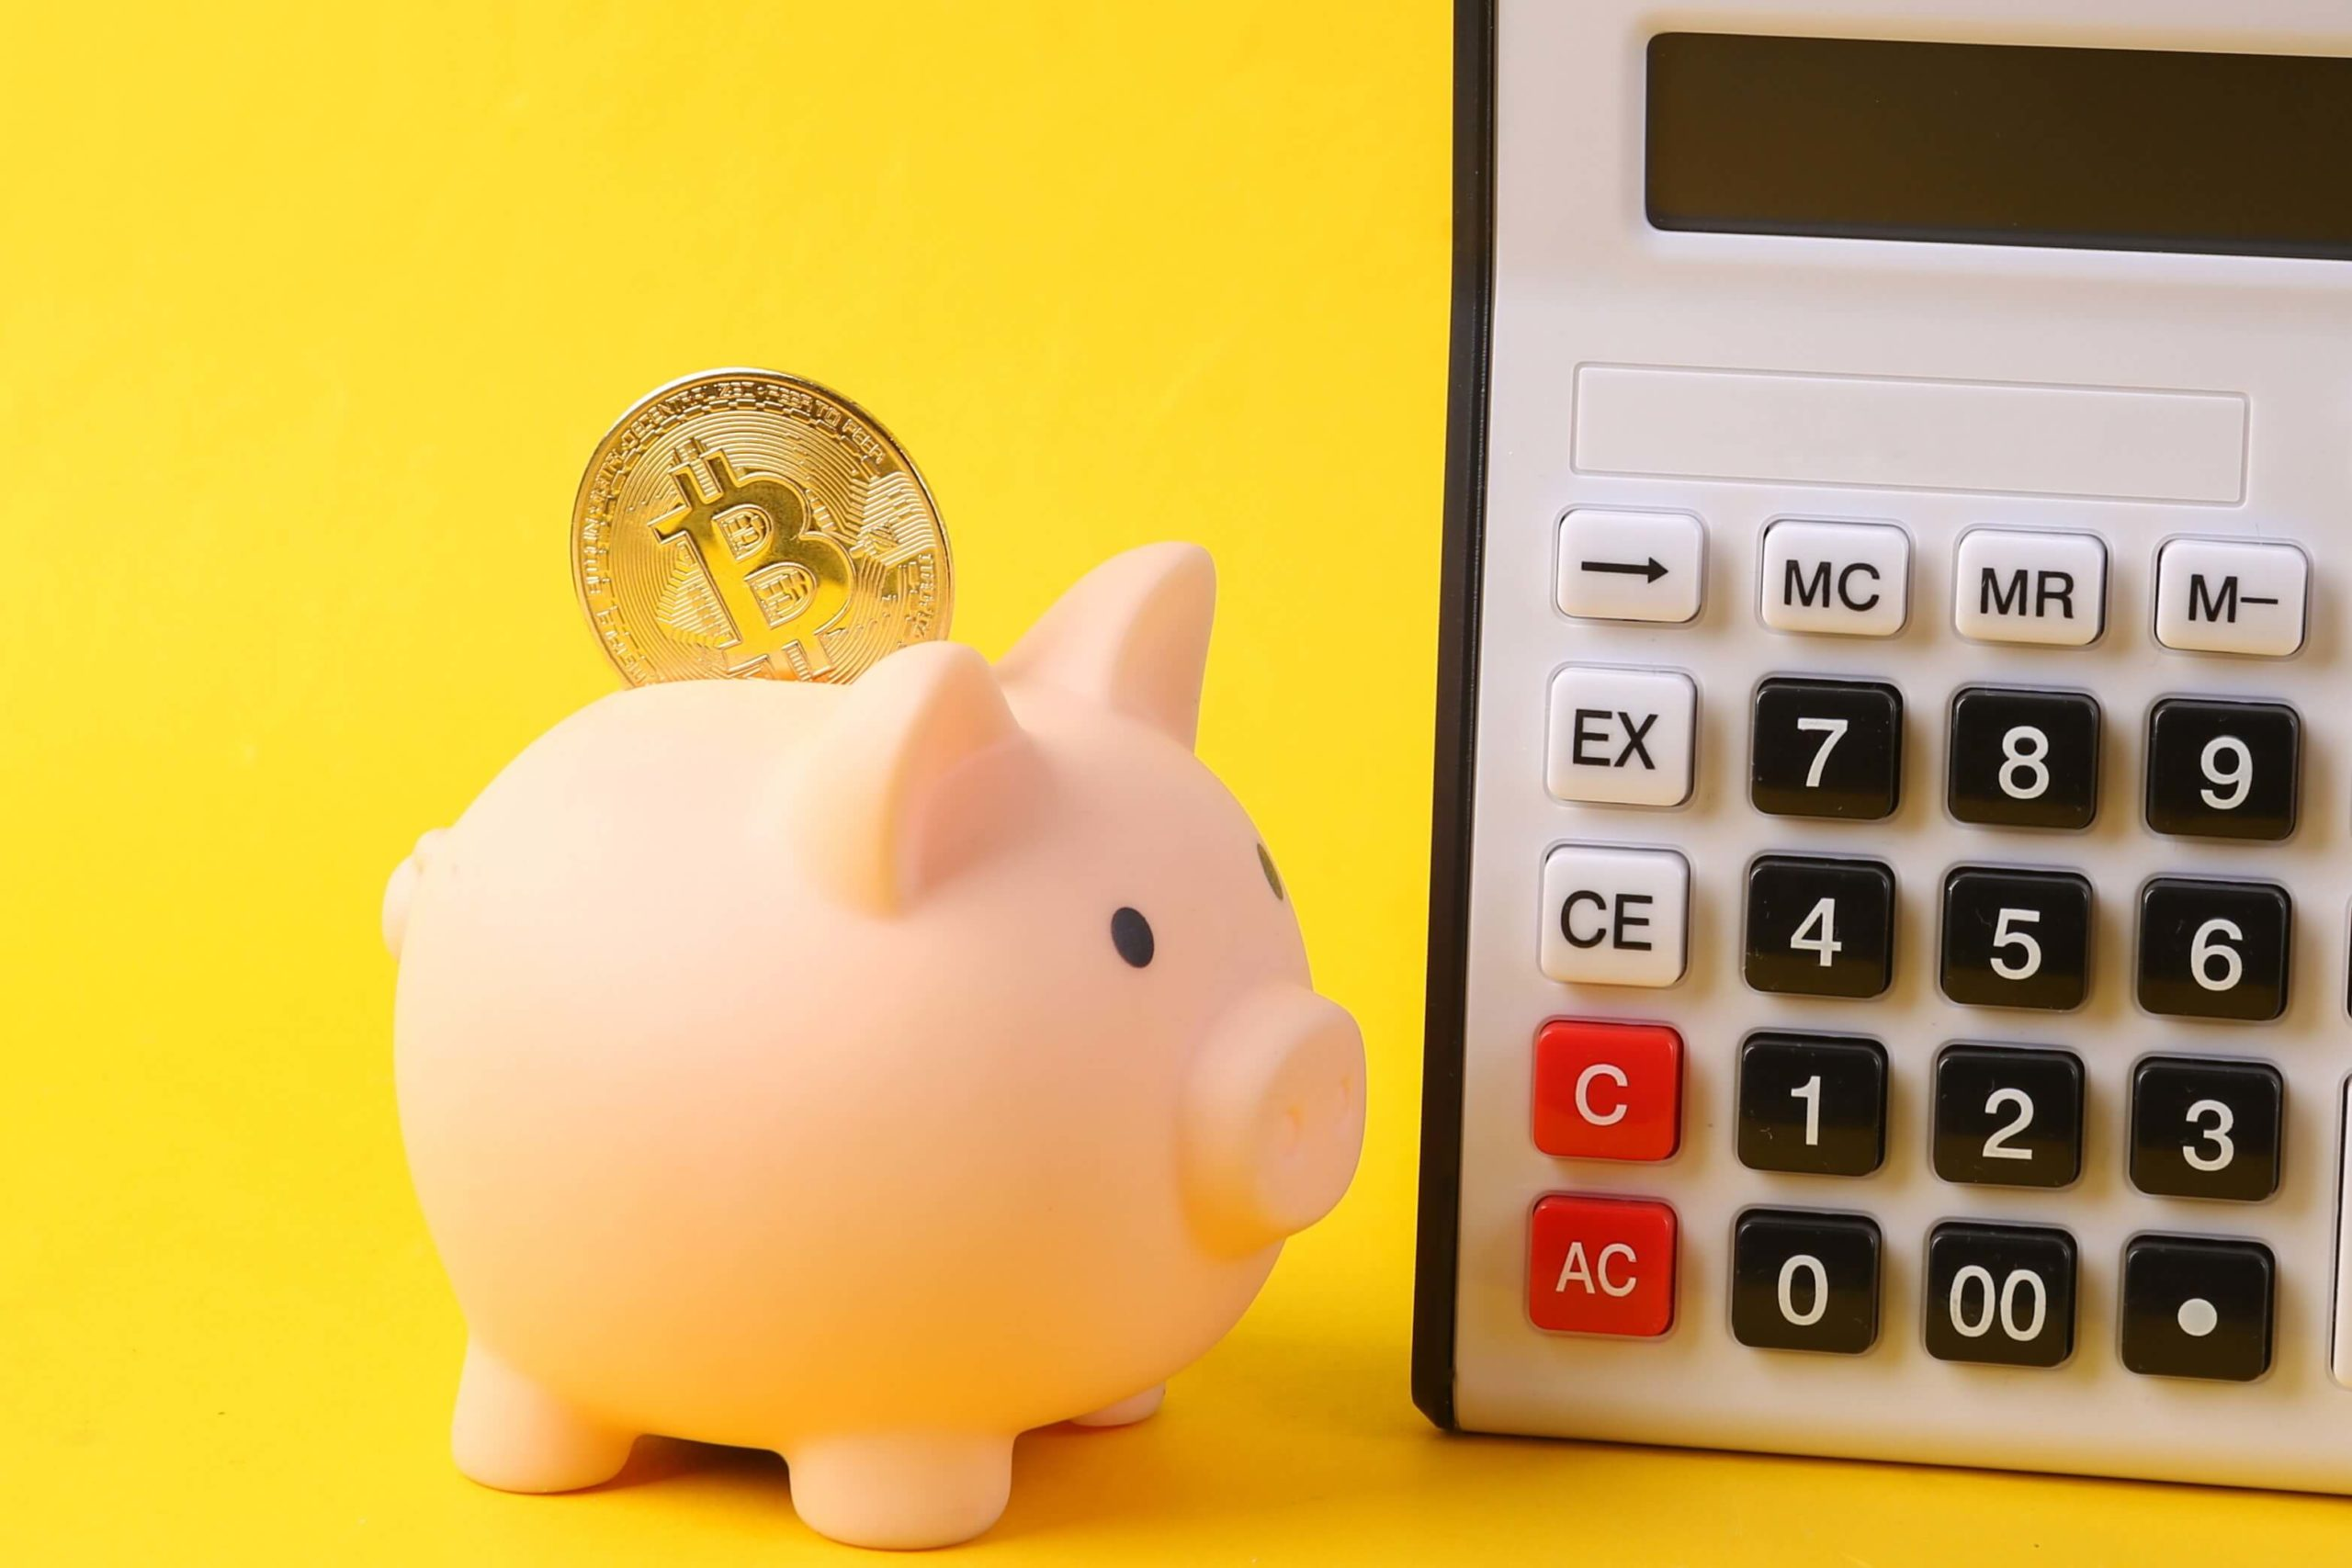 I tassi di risparmio cripto sono 10 volte superiori a quelli convenzionali principali, ma fa per te?